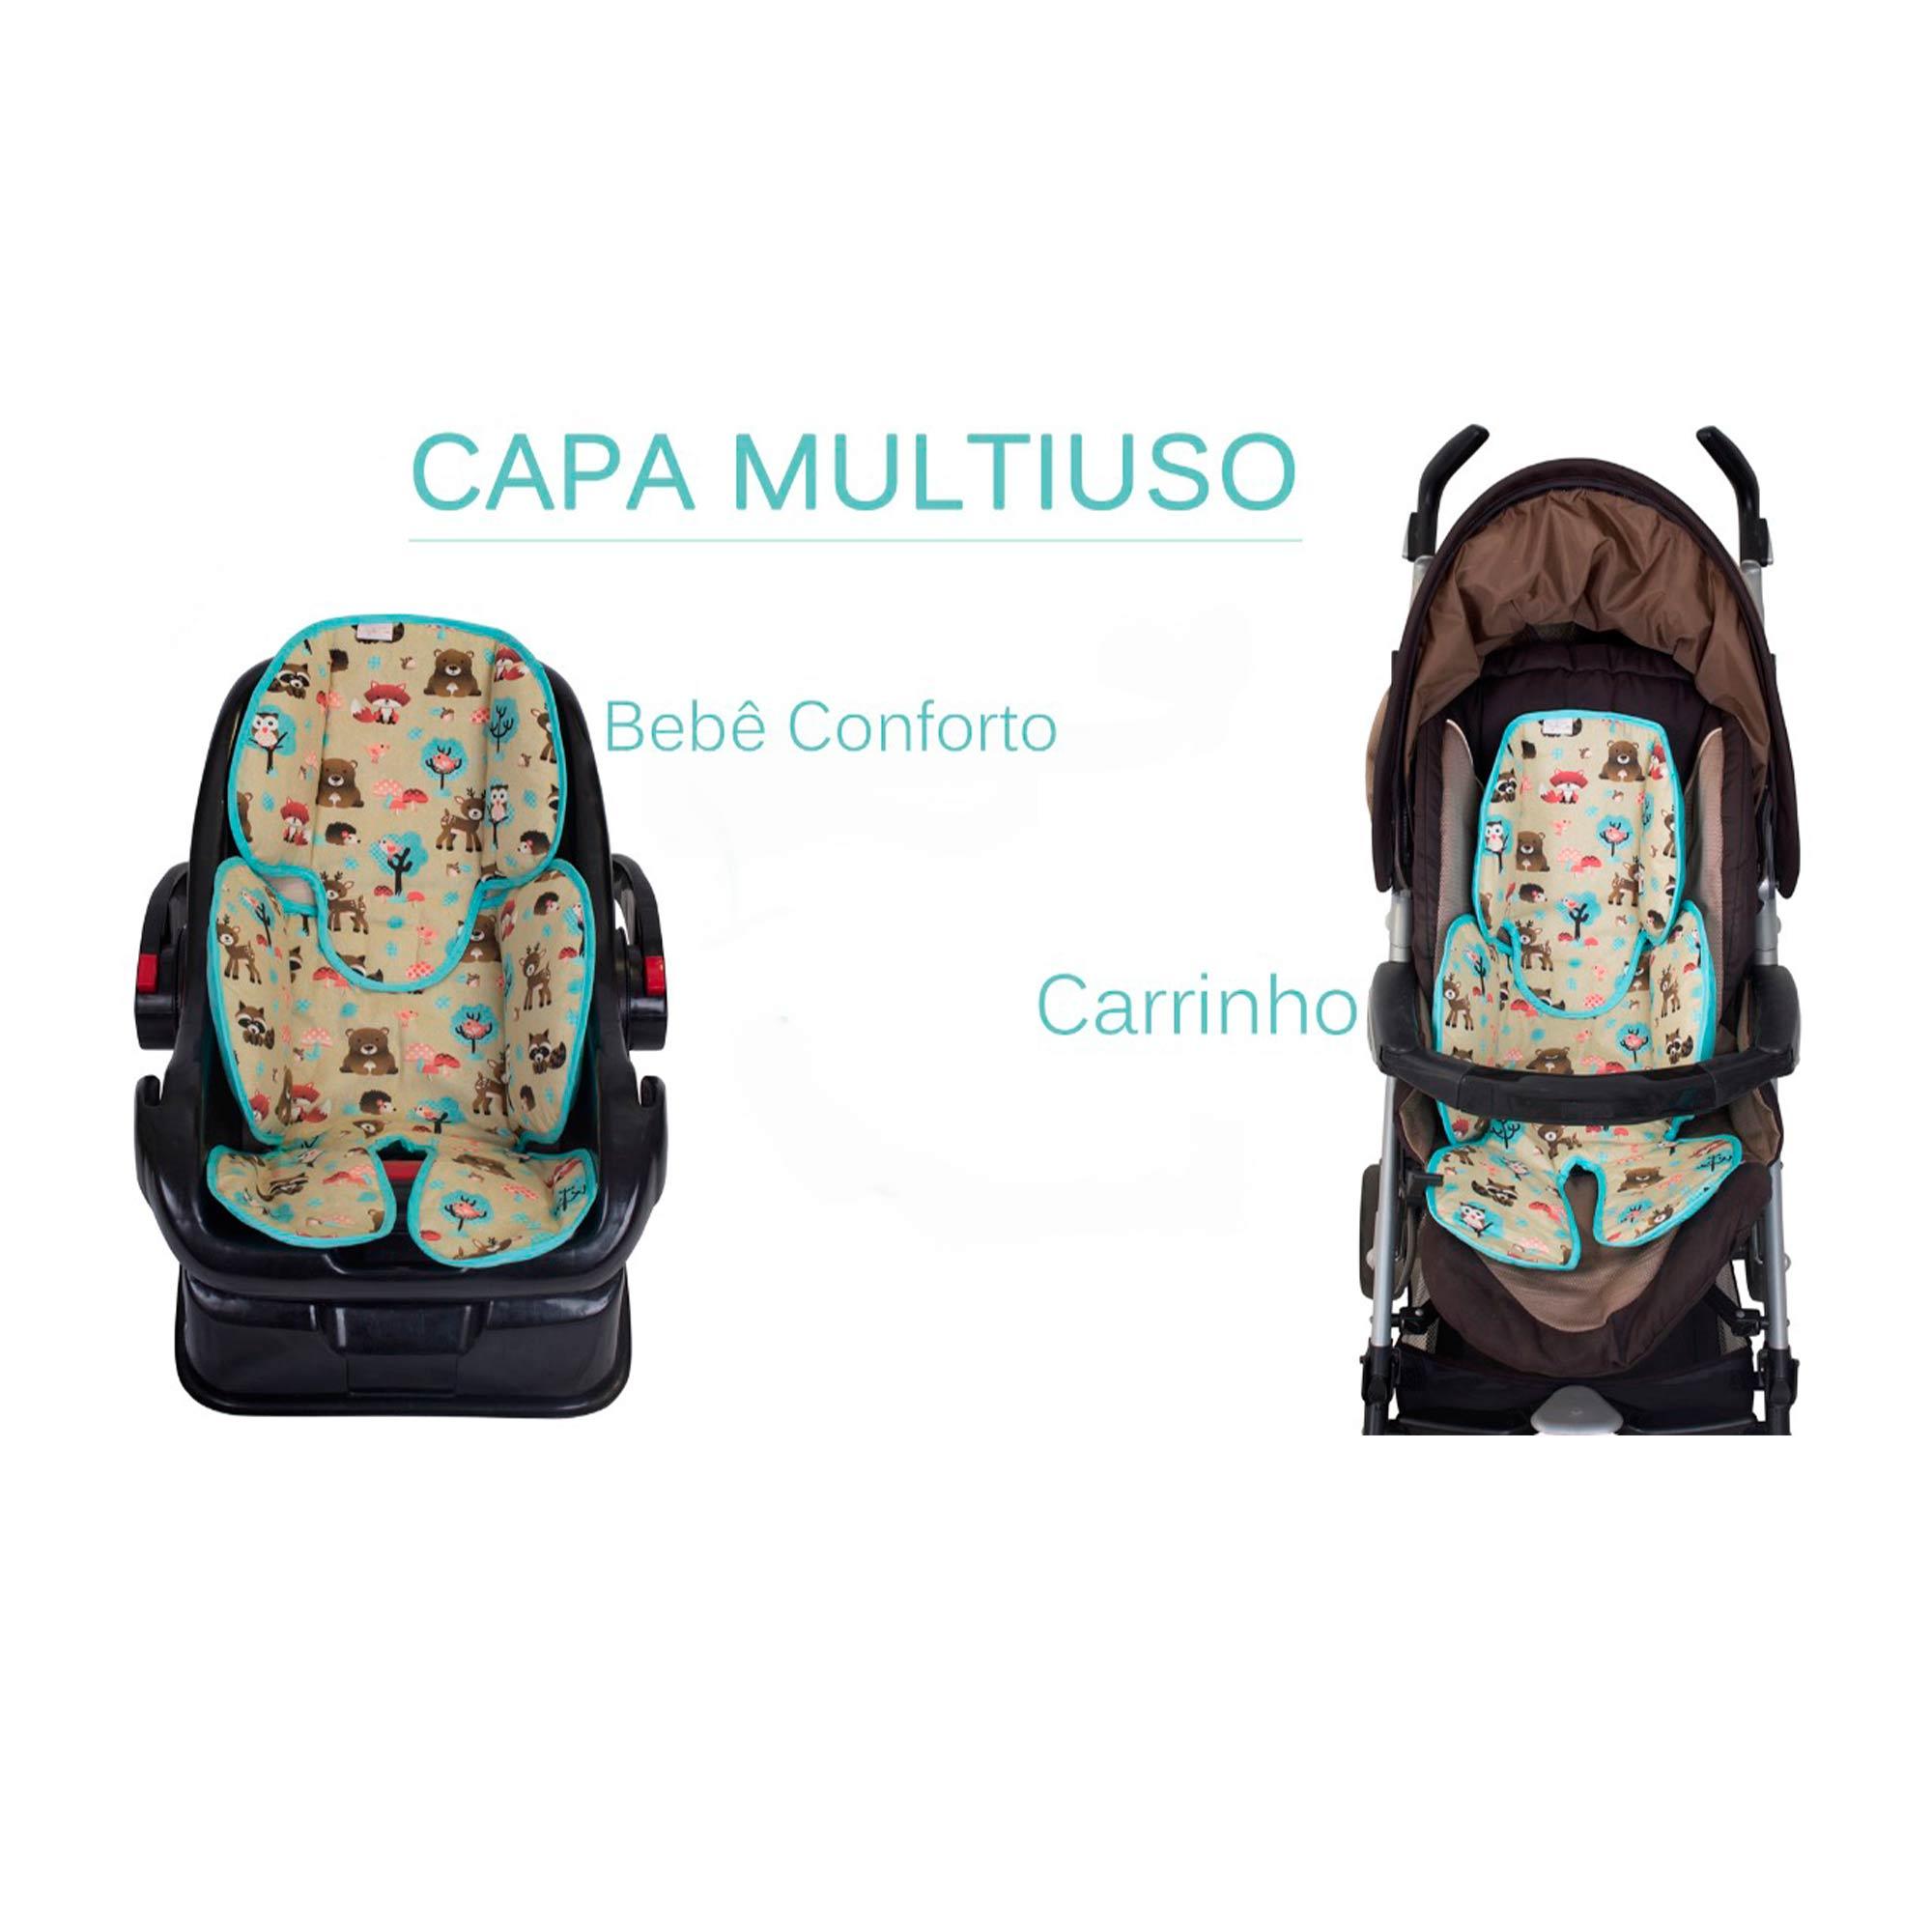 Redutor de Bebê Conforto e Carrinho Chevron Cinza  - Toca do Bebê